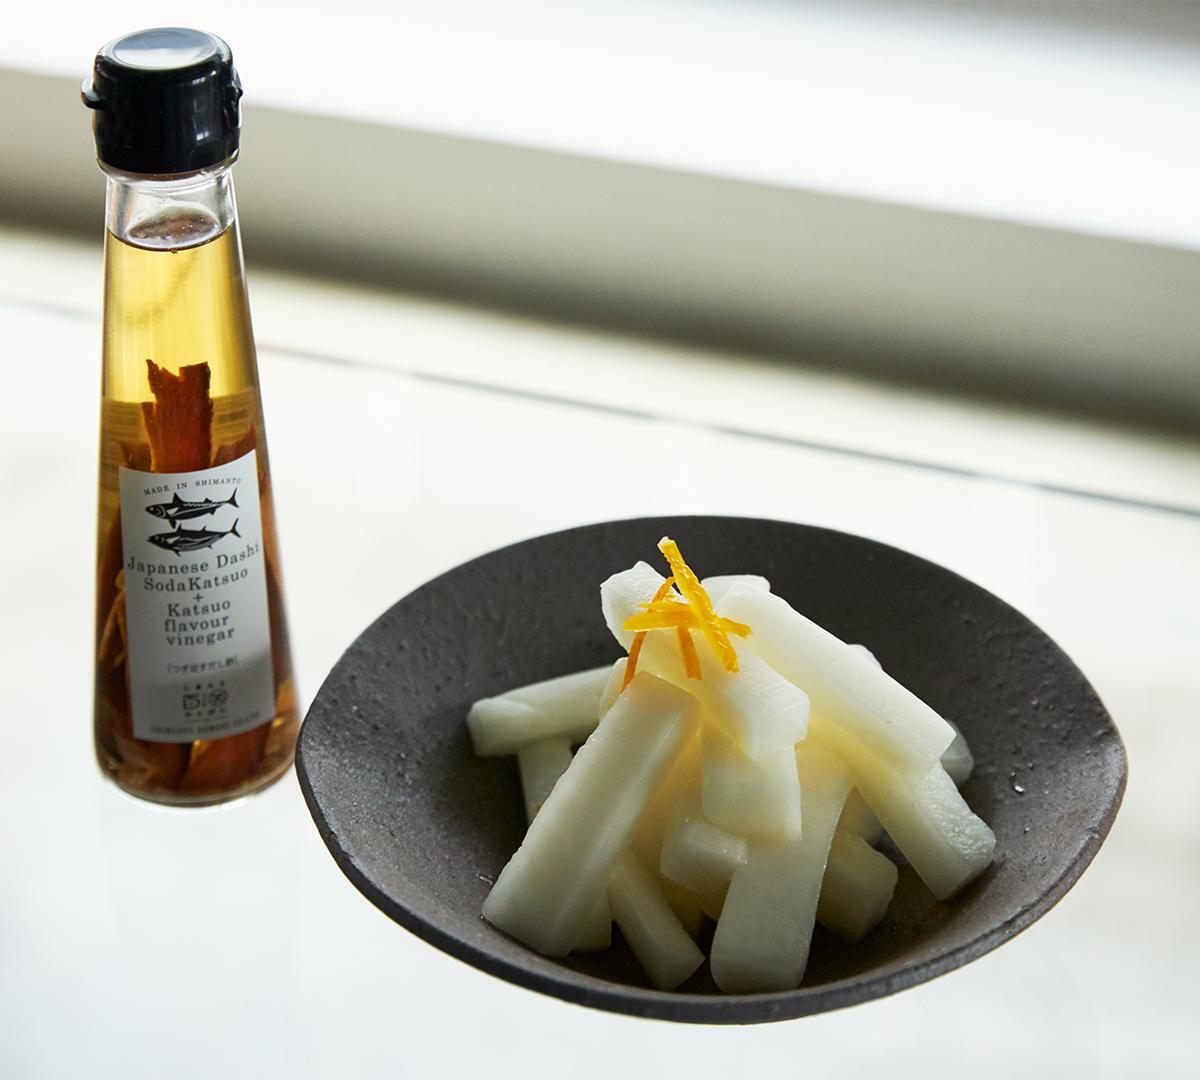 だし酢×素麺。食欲のない季節でも、箸が進む一品です。うまみが凝縮!いつもの調味料が宗田節で輝きだす、つぎ足して使える「だし醤油&だし酢(化粧箱入り)」|SHIMANTO DOMEKI COMPANY